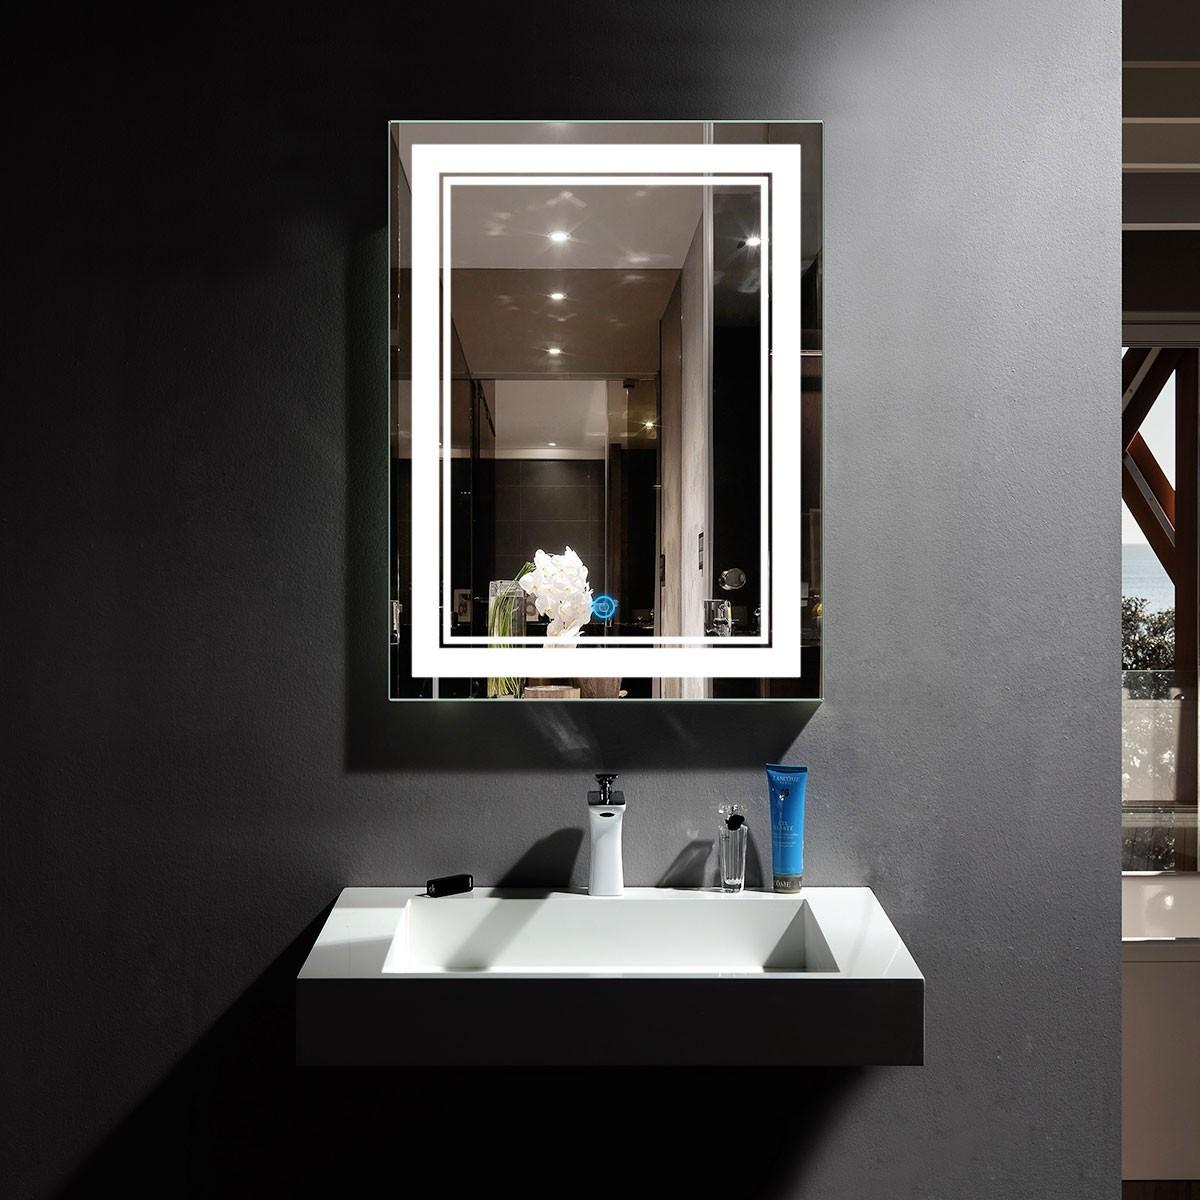 DECORAPORT 24 x 32 Po Miroir de Salle de Bain LED/Miroir Chambre avec Bouton Tactile, Luminosité Réglable, Montage Vertical & Horizontal (CK160-2432)